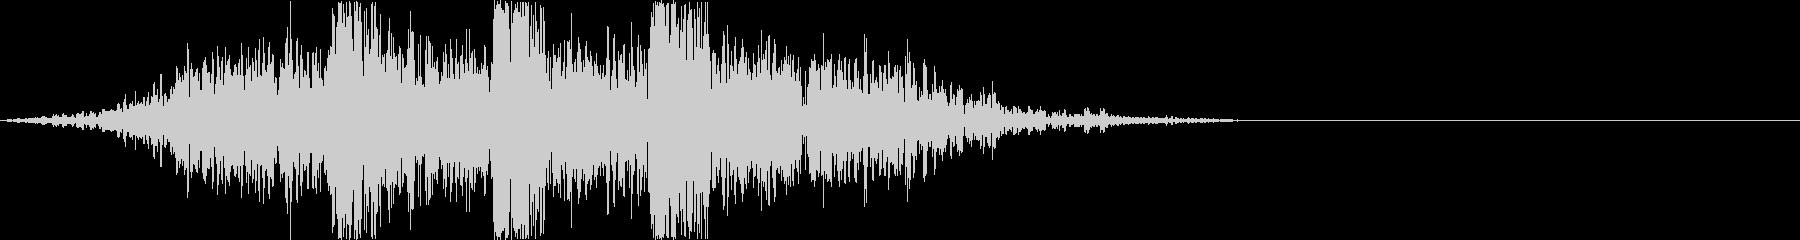 土魔法の音2(地震で攻撃するイメージ)の未再生の波形